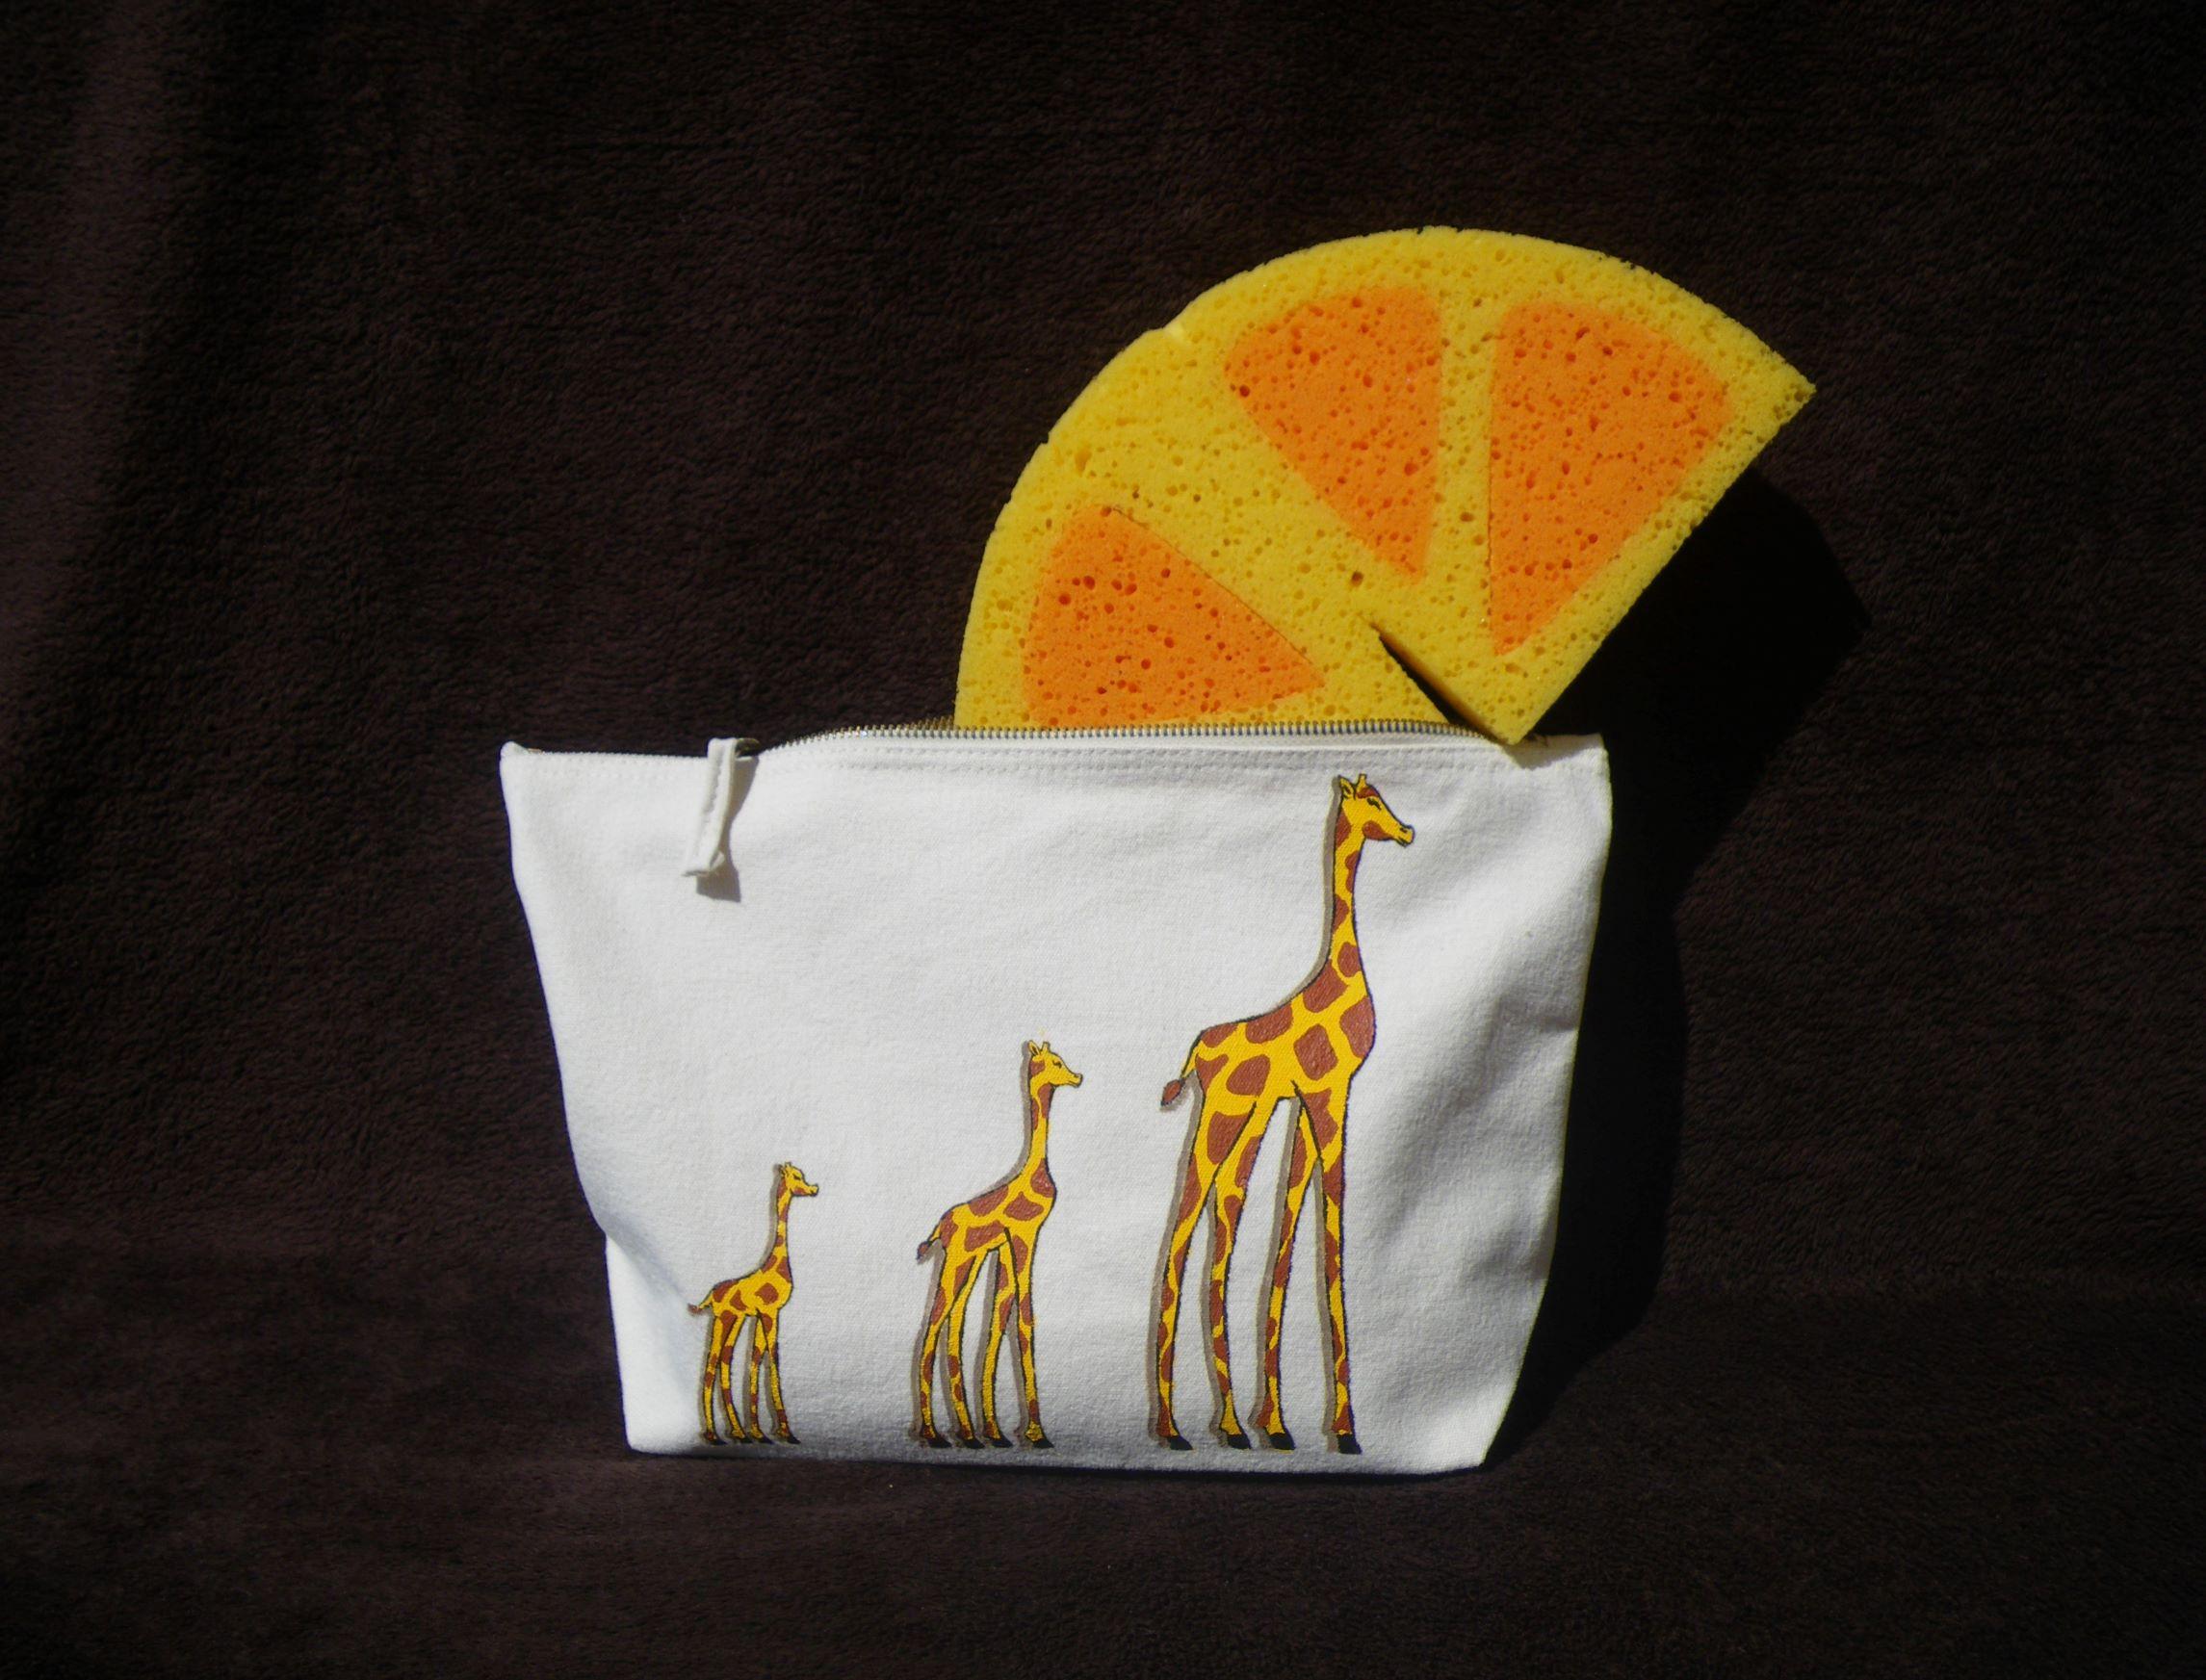 trousse-grande-girafe (4)dim.JPG